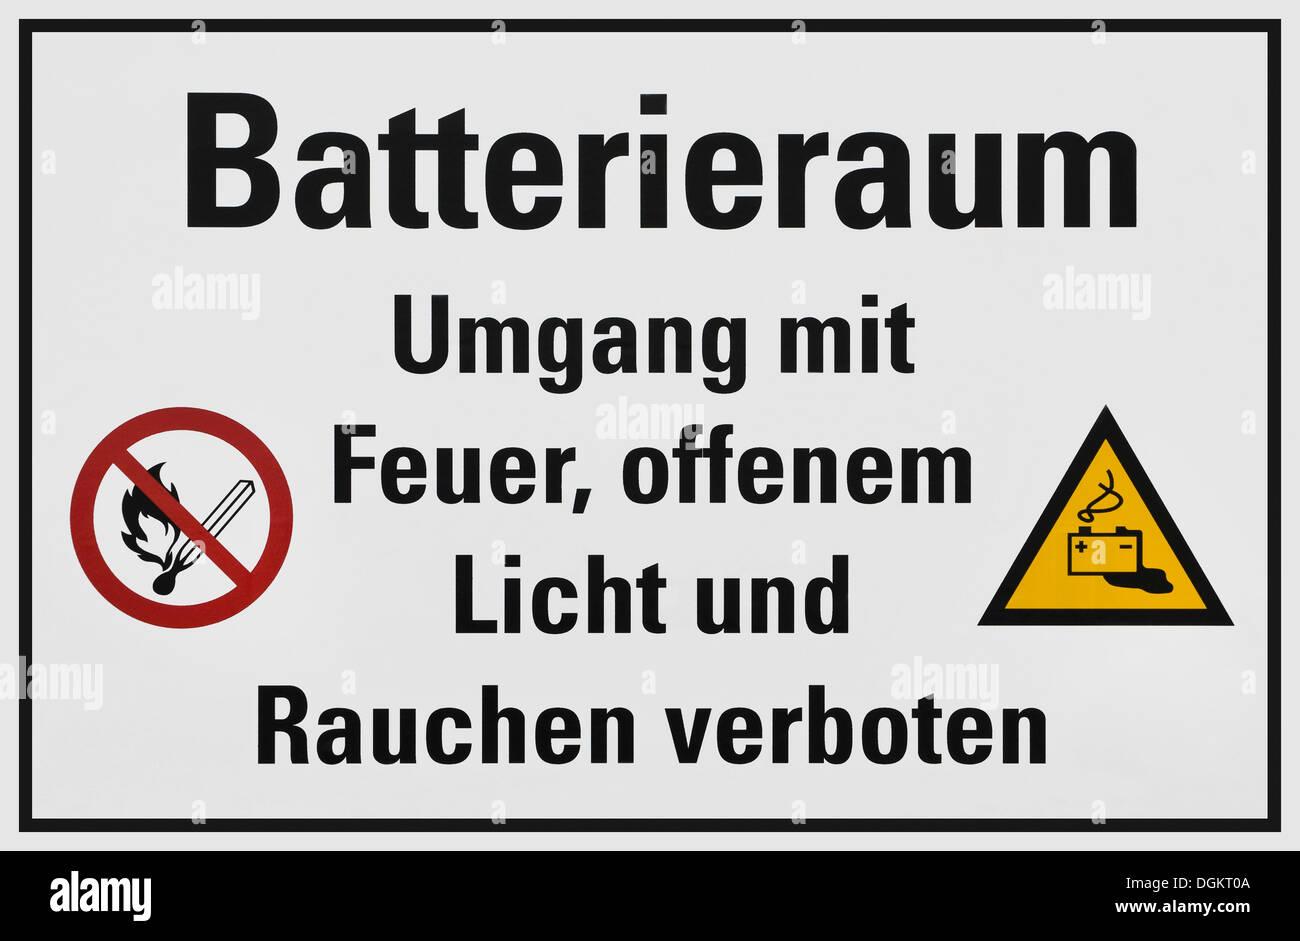 Zeichen, Batterieraum Umgang Mit Feuer, Offenem Licht Und Rauchen verboten, Deutsch für Batterieraum, kein offenes Feuer, Rauchen verboten Stockbild